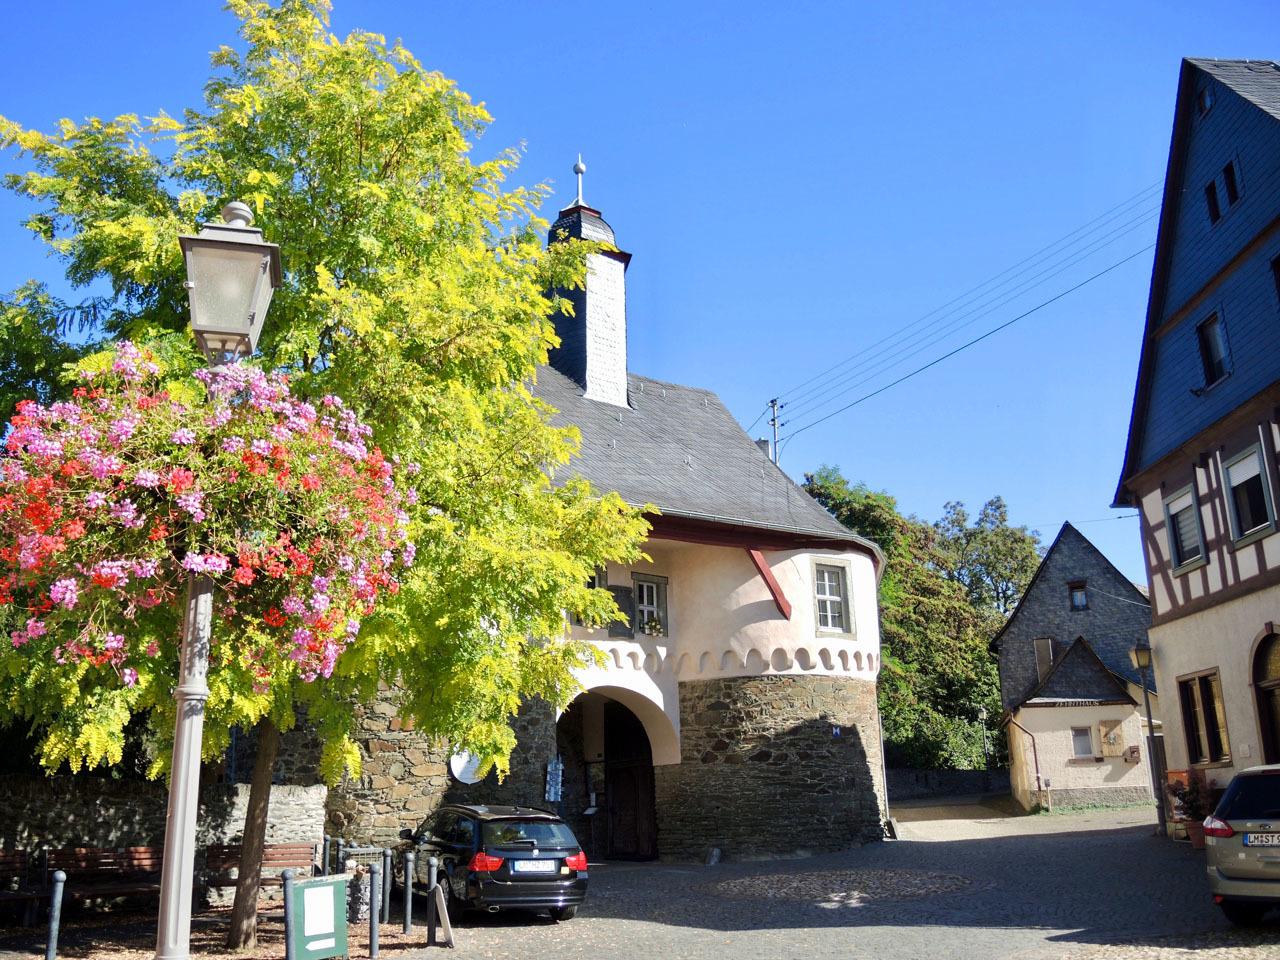 また城下町 Runkel の文字_e0175918_01461783.jpg